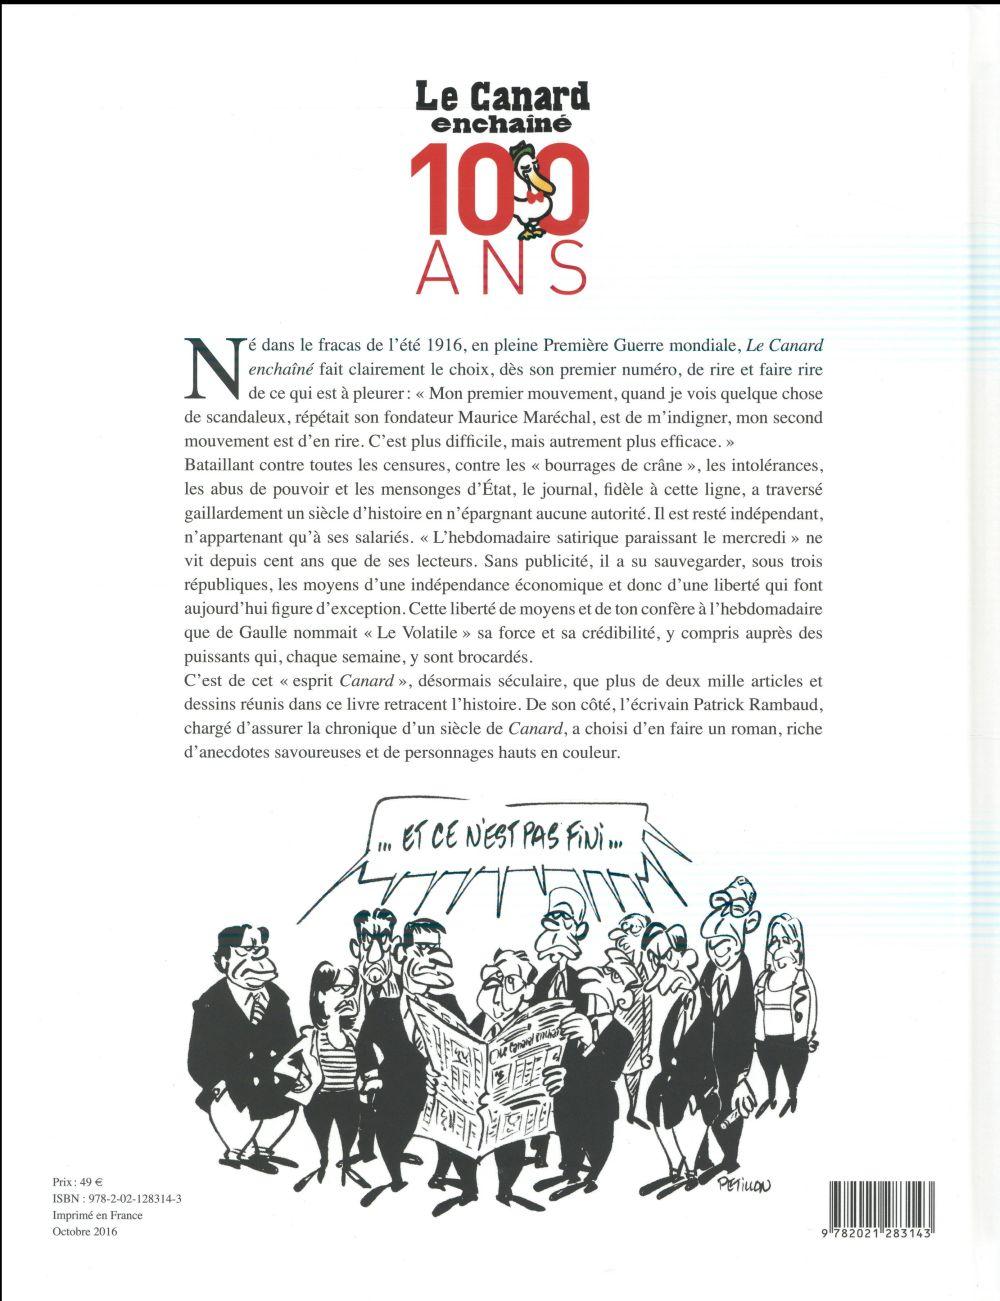 Le Canard enchaîné, 100 ans ; un siècle d'articles et de dessins